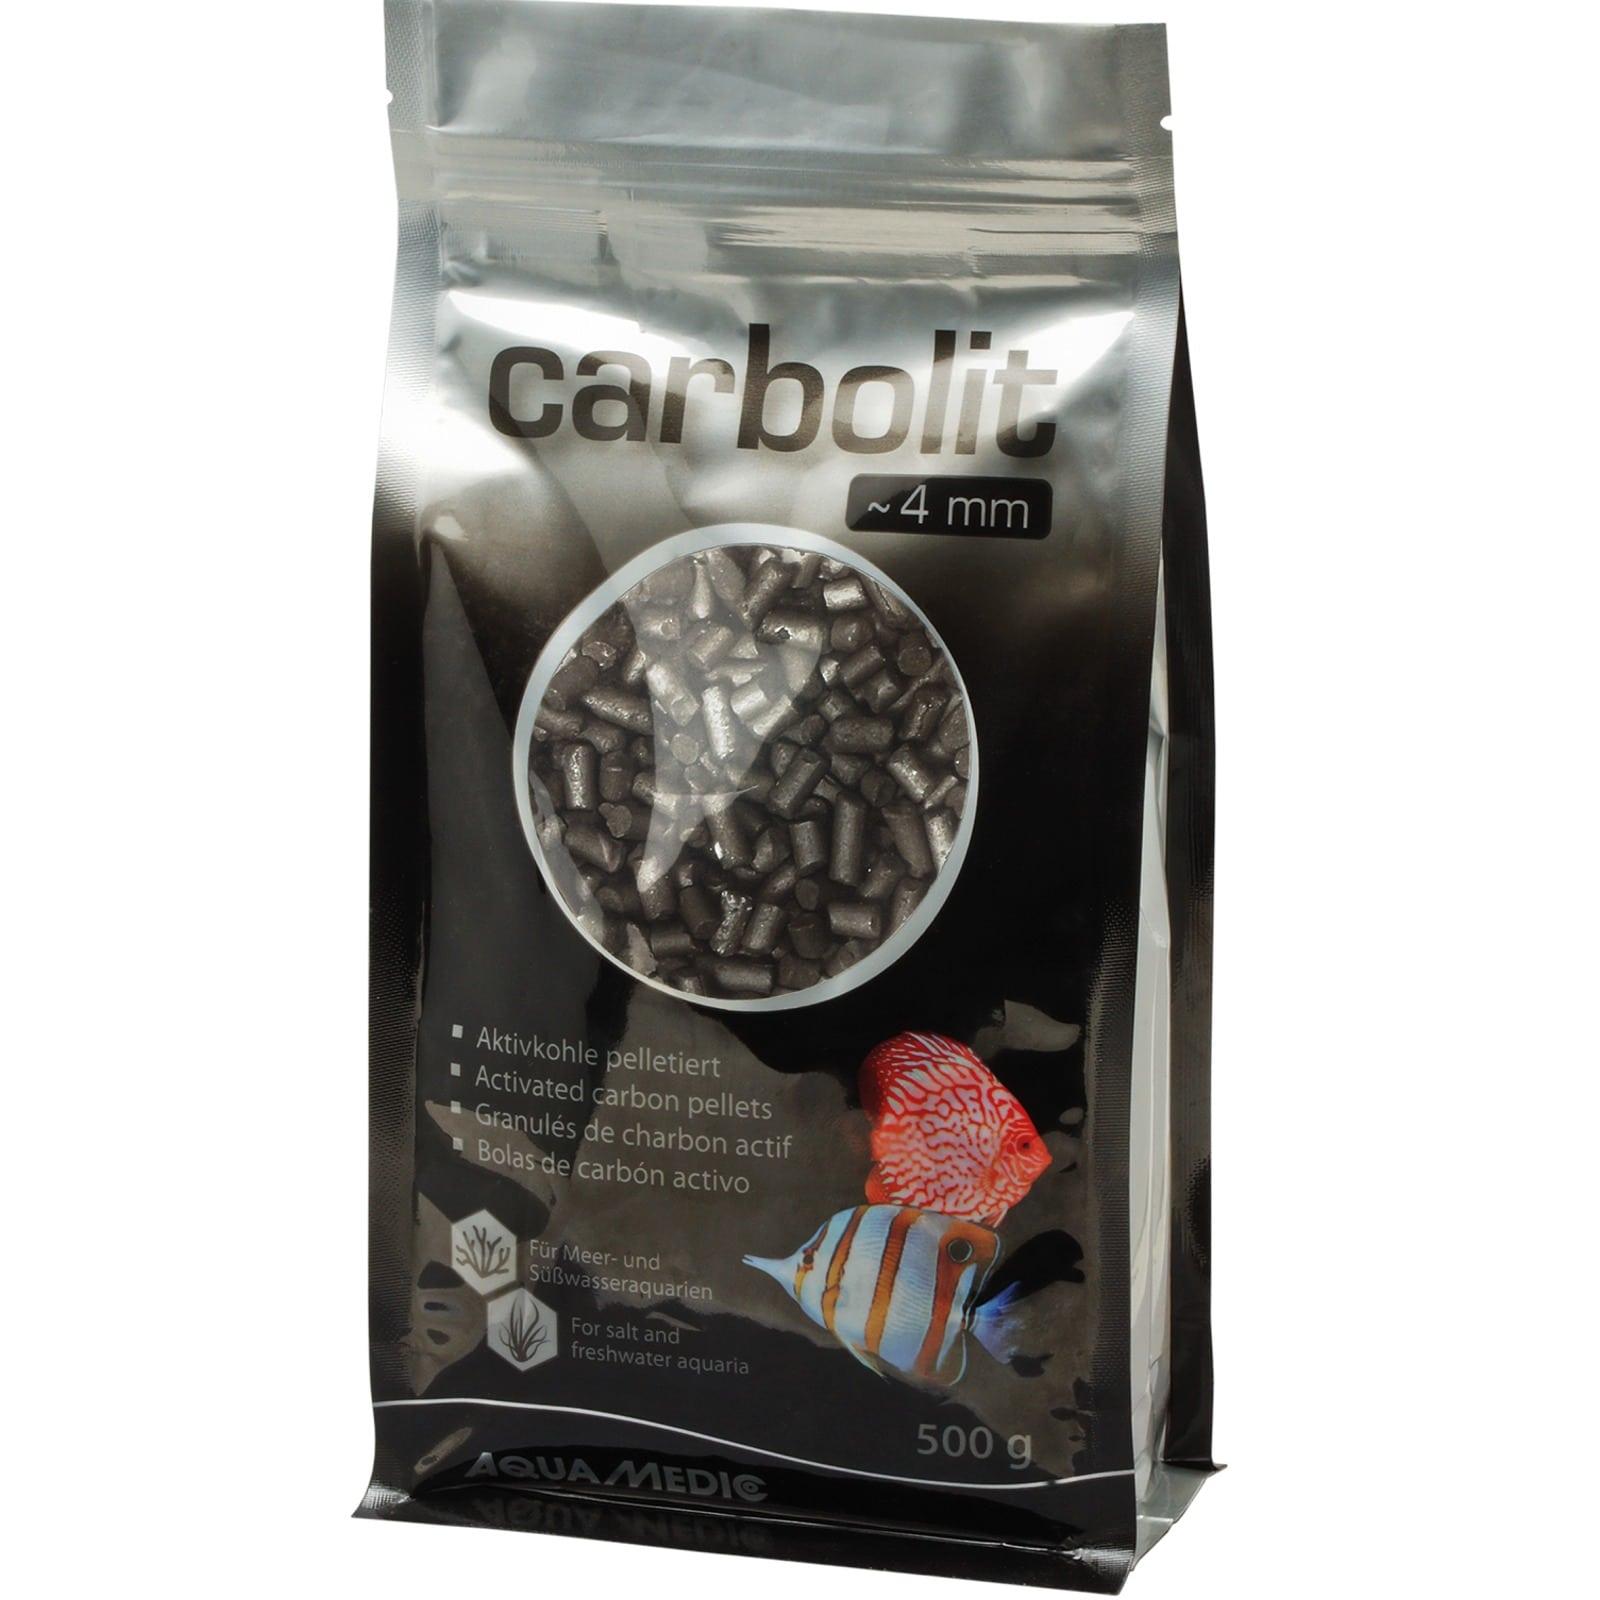 AQUA MEDIC Carbolit 500 gr. granulés de charbon actif diamètre 4 mm pour les aquariums d\'eau douce et d\'eau de mer